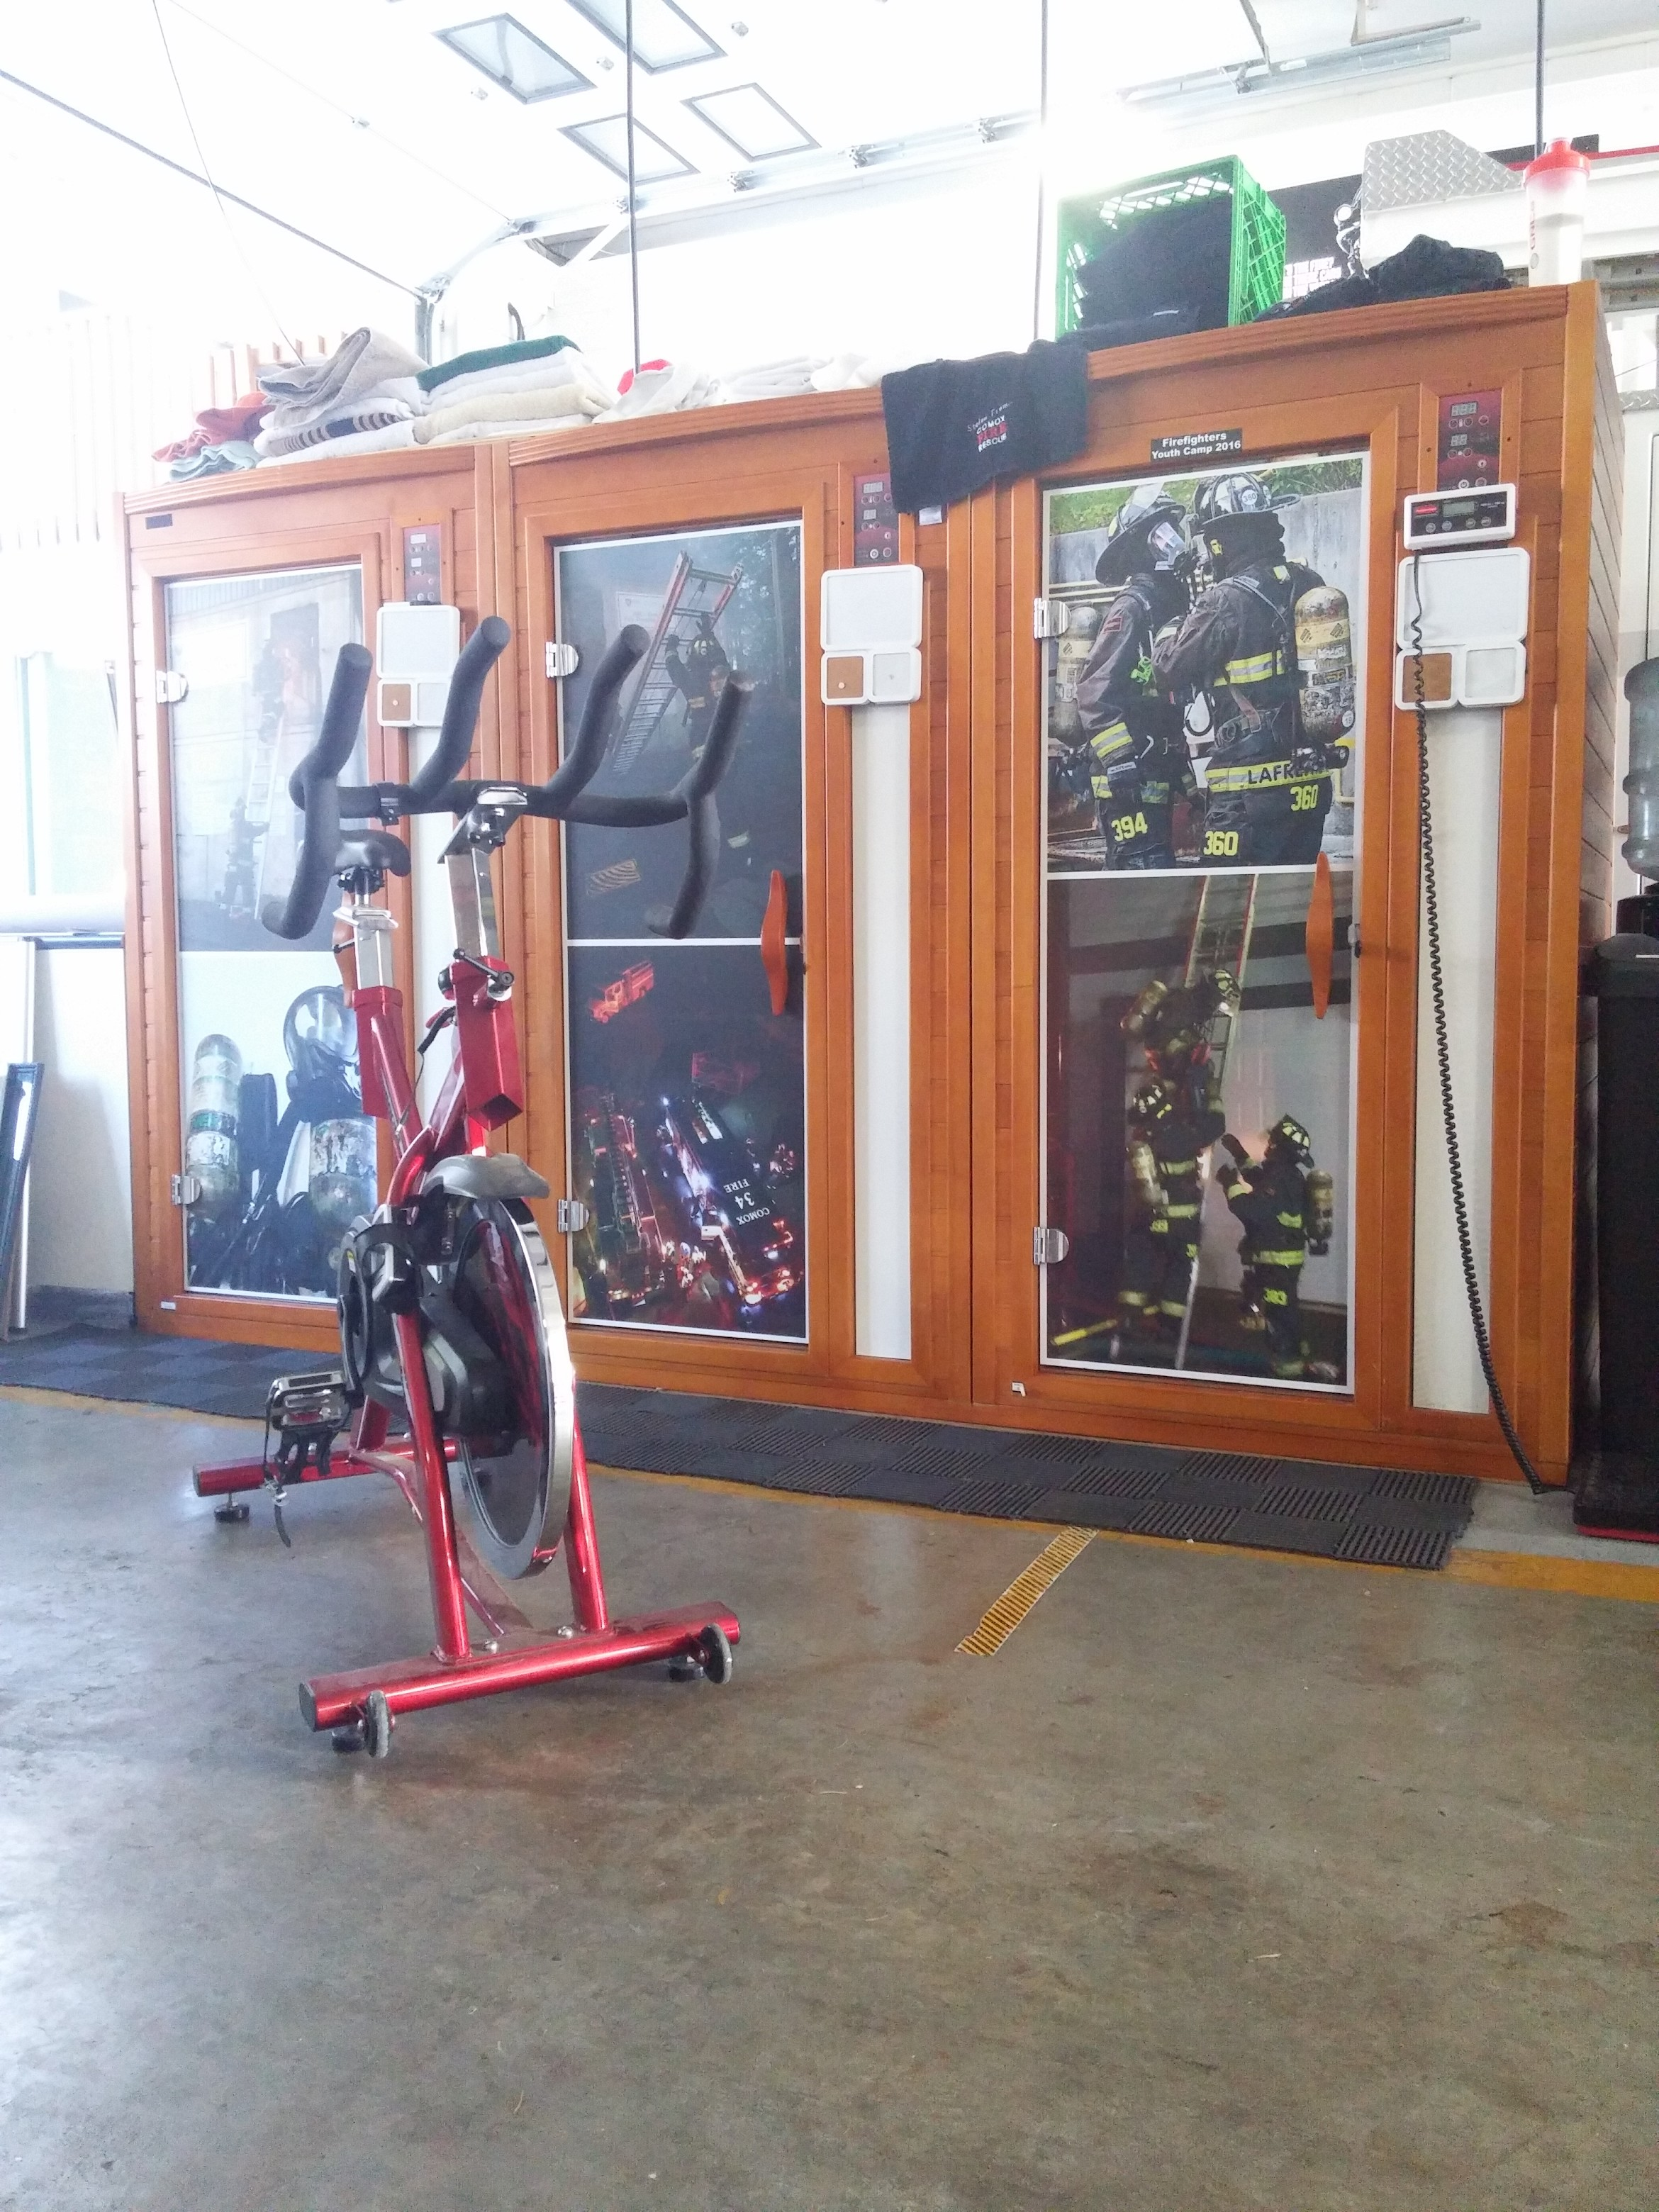 comox-fire-rescue-sauna-spin-bike.jpg